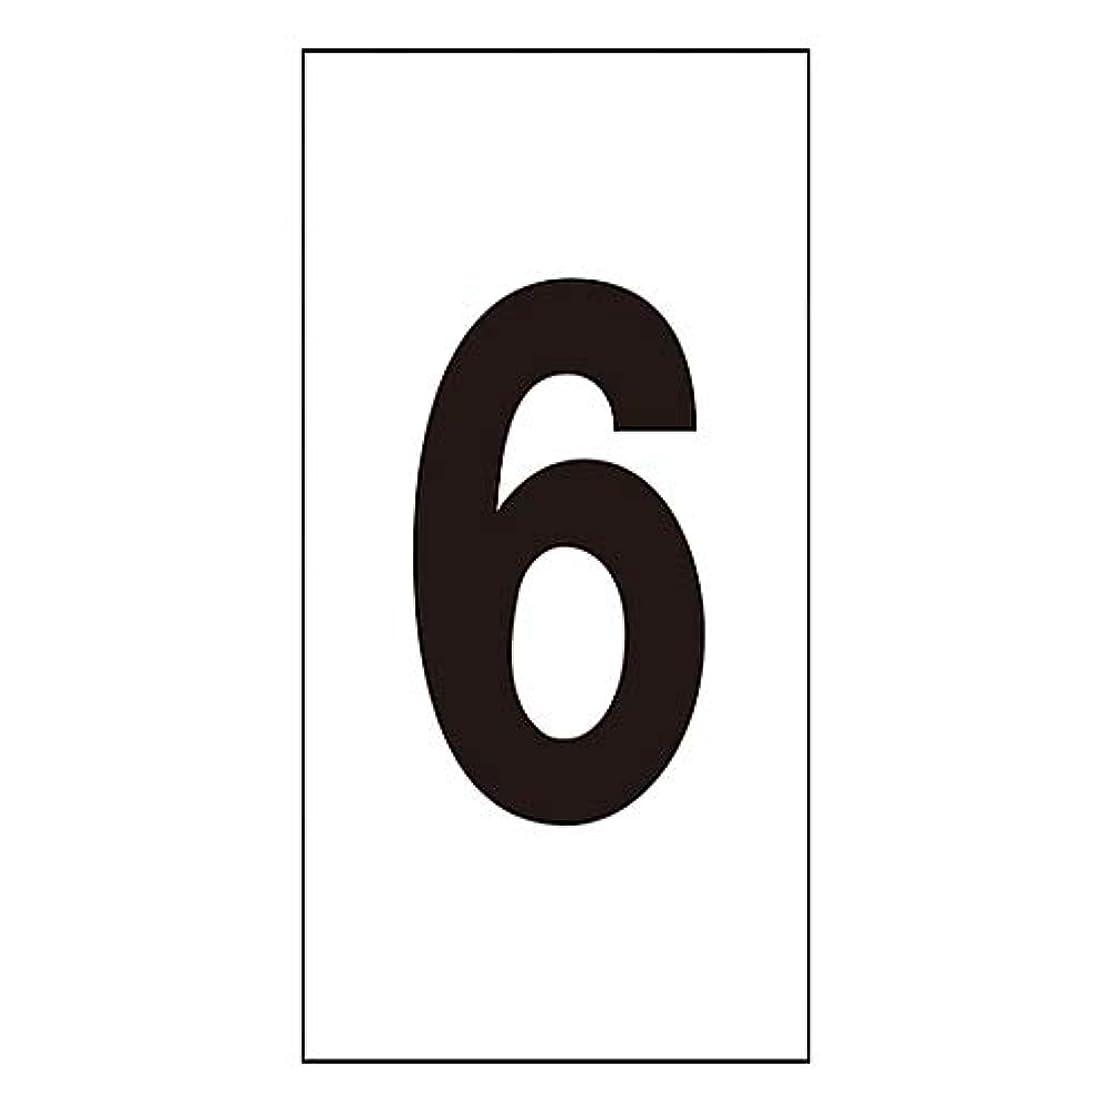 あいまいな腐食する玉数字ステッカー 数字-6(特大)/61-3413-90